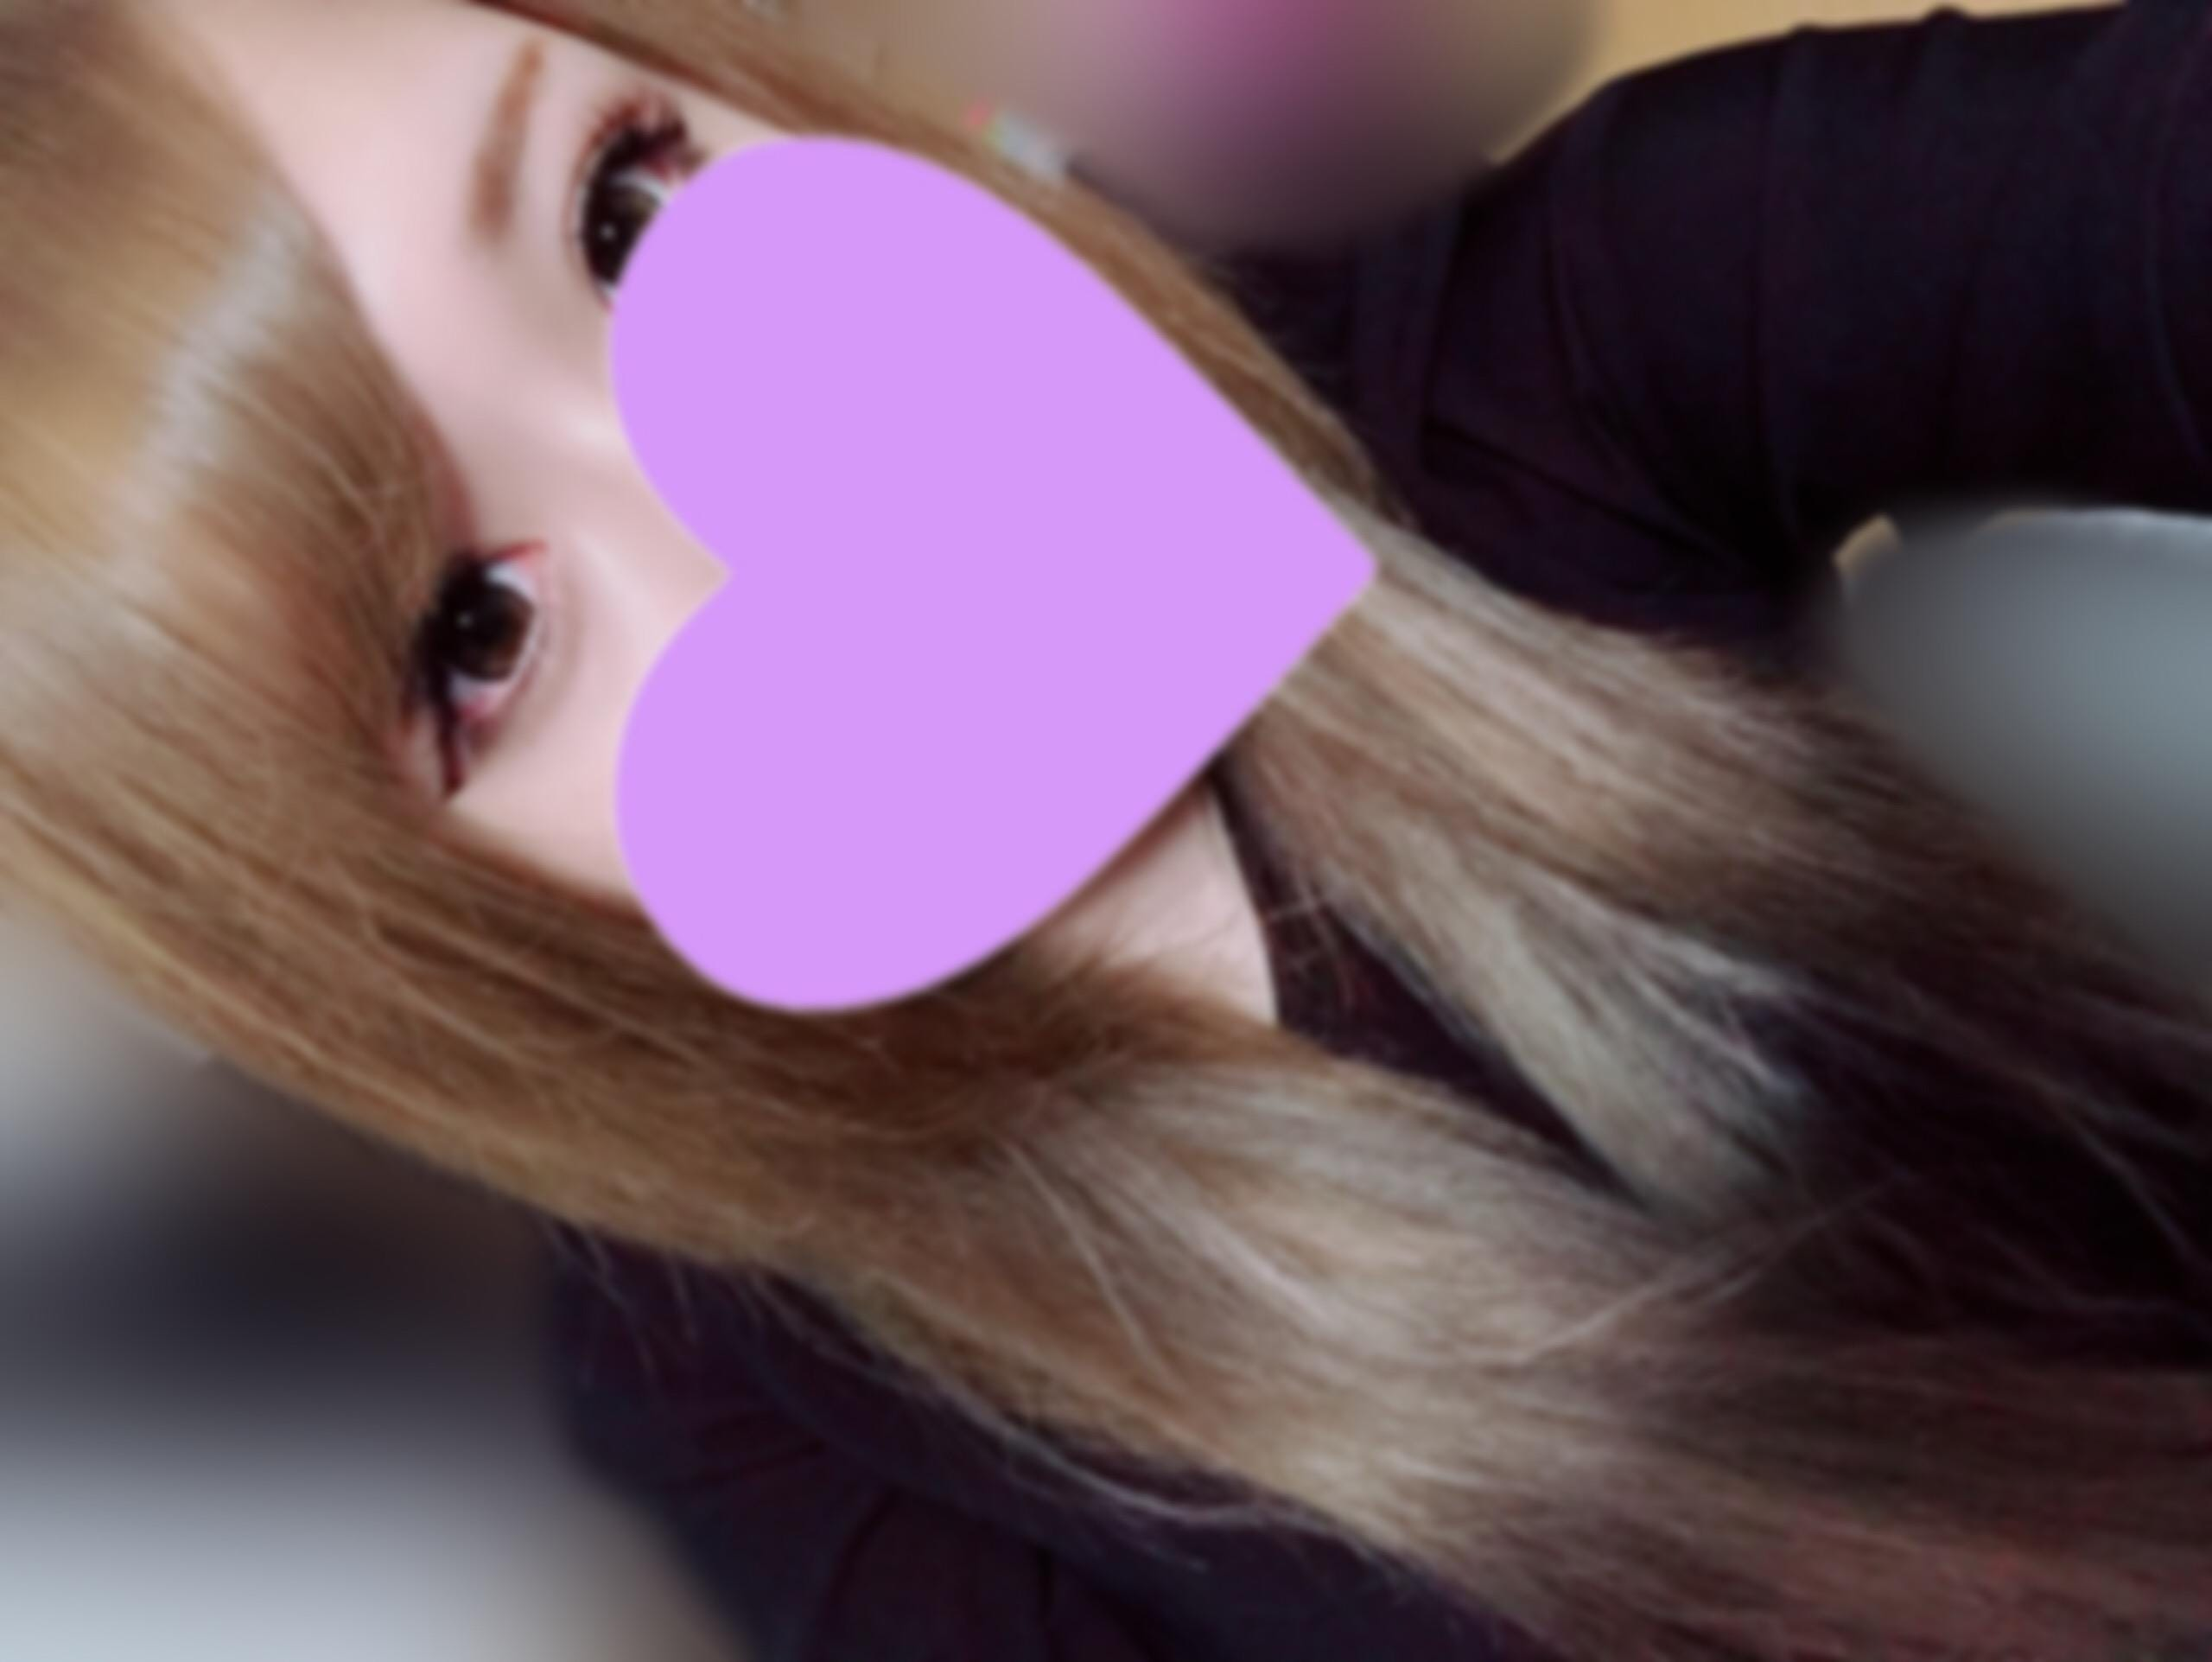 「♡」10/16(火) 21:13 | ななみちゃんの写メ・風俗動画